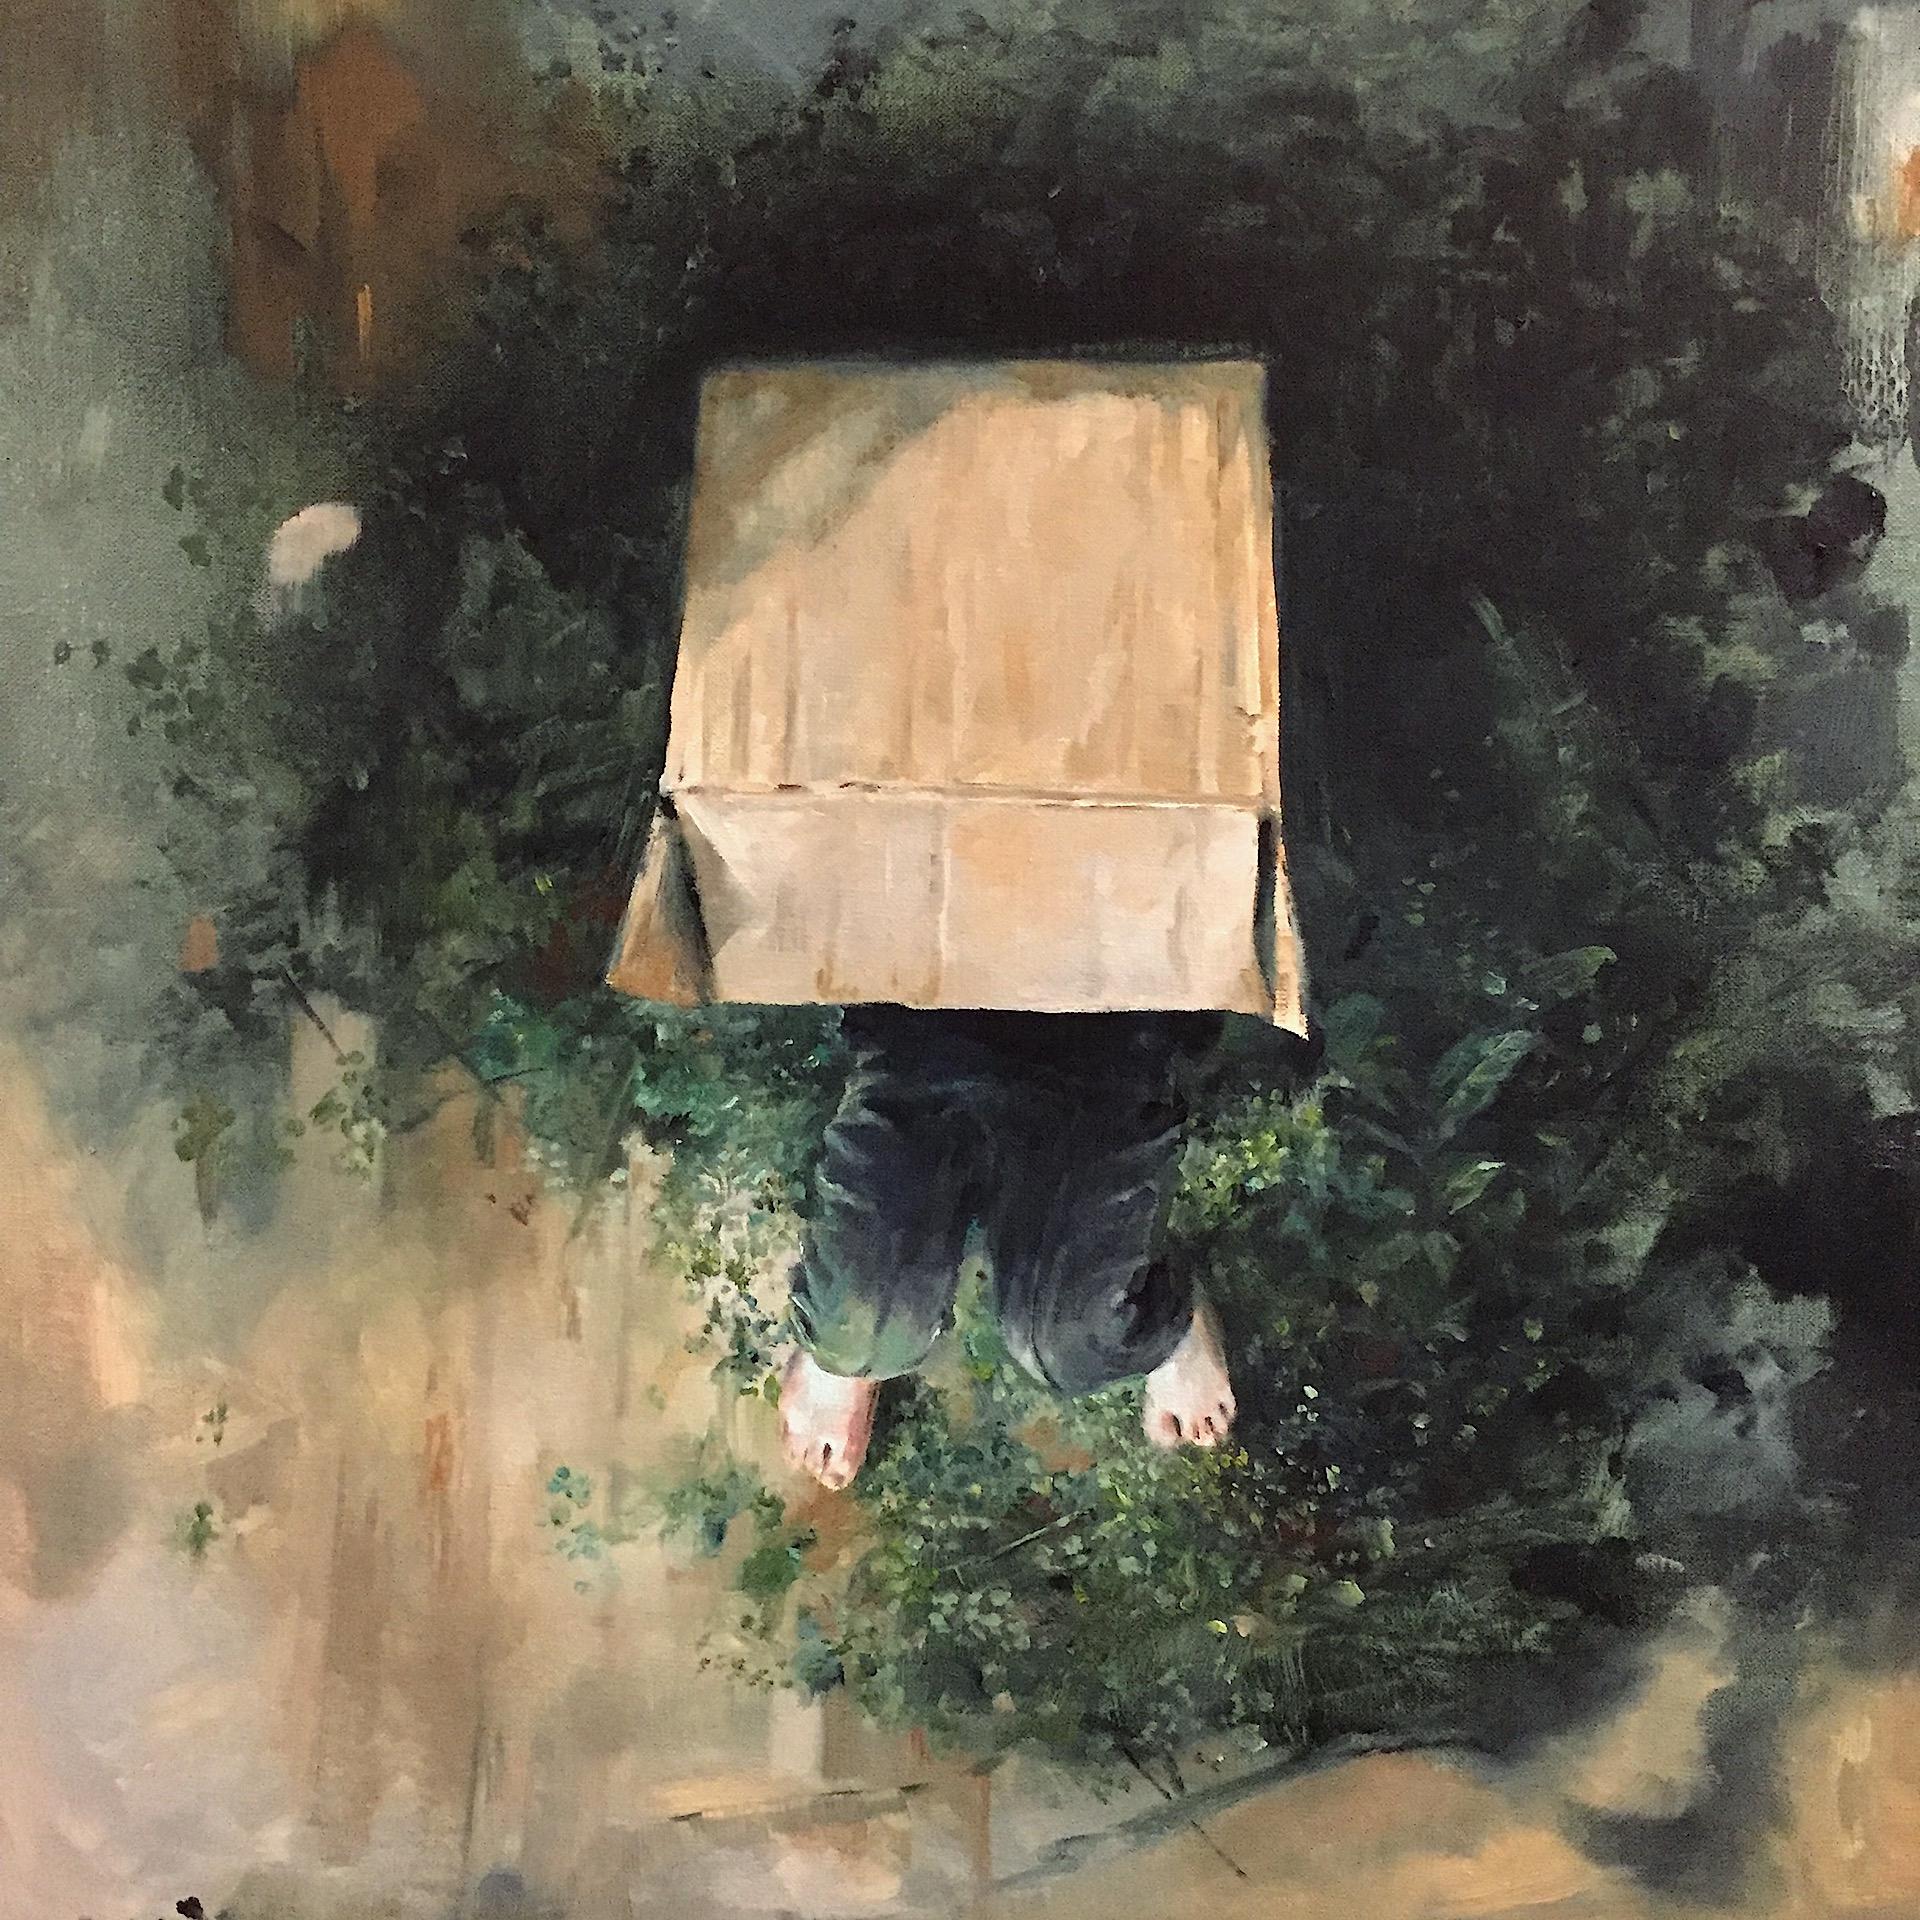 The_Box_2016_Oil_on_canvas_40X40.JPG